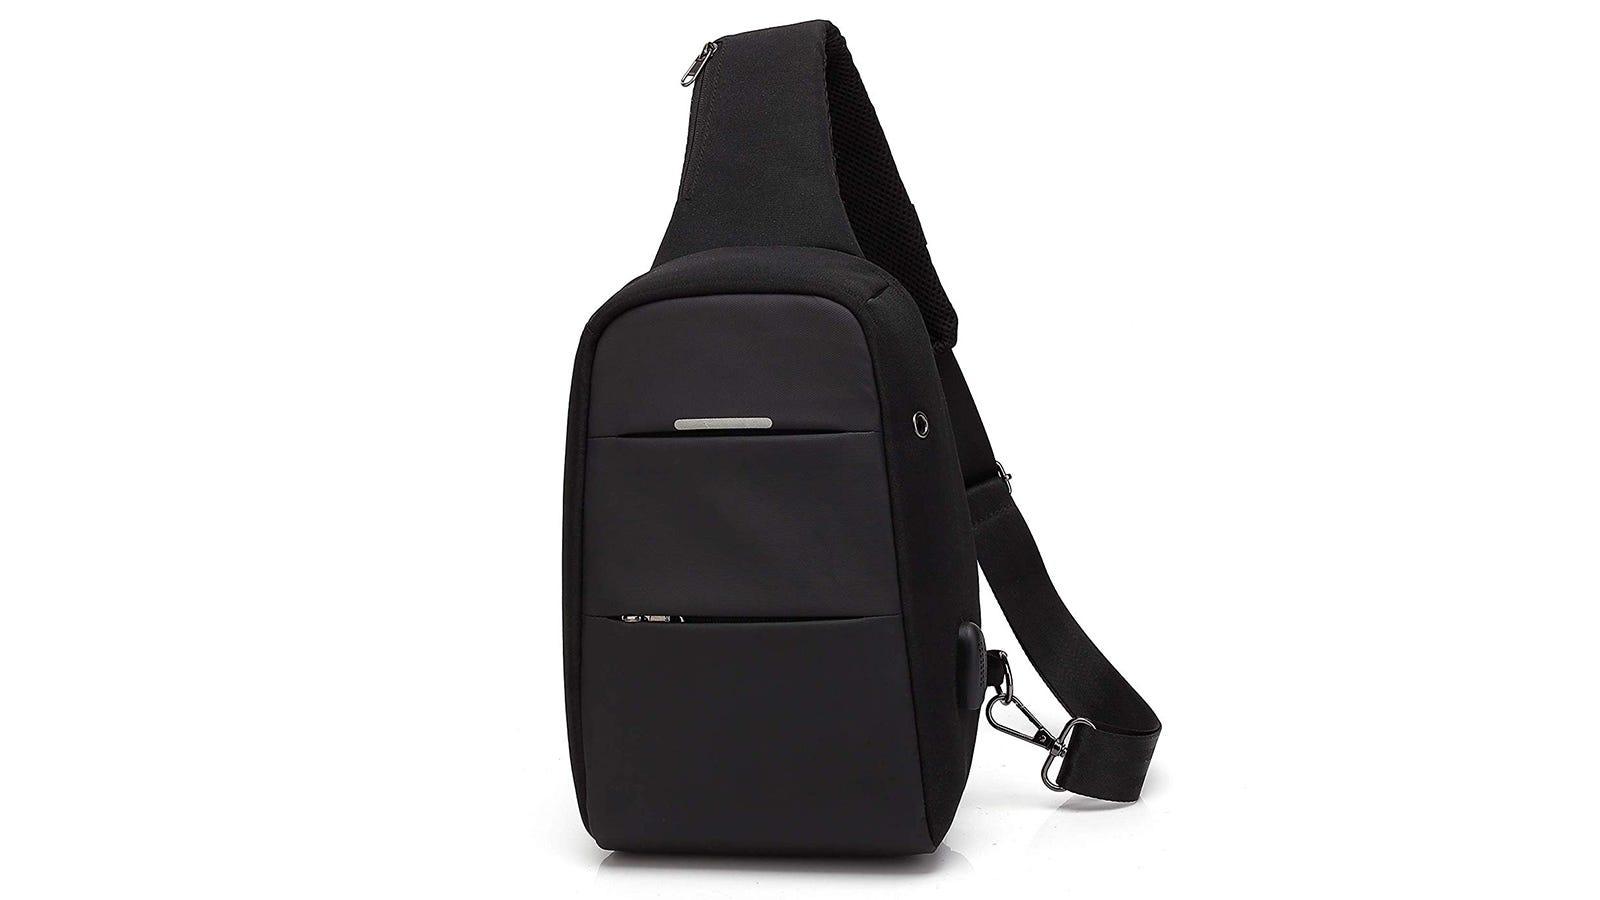 The POSO Sling Bag.